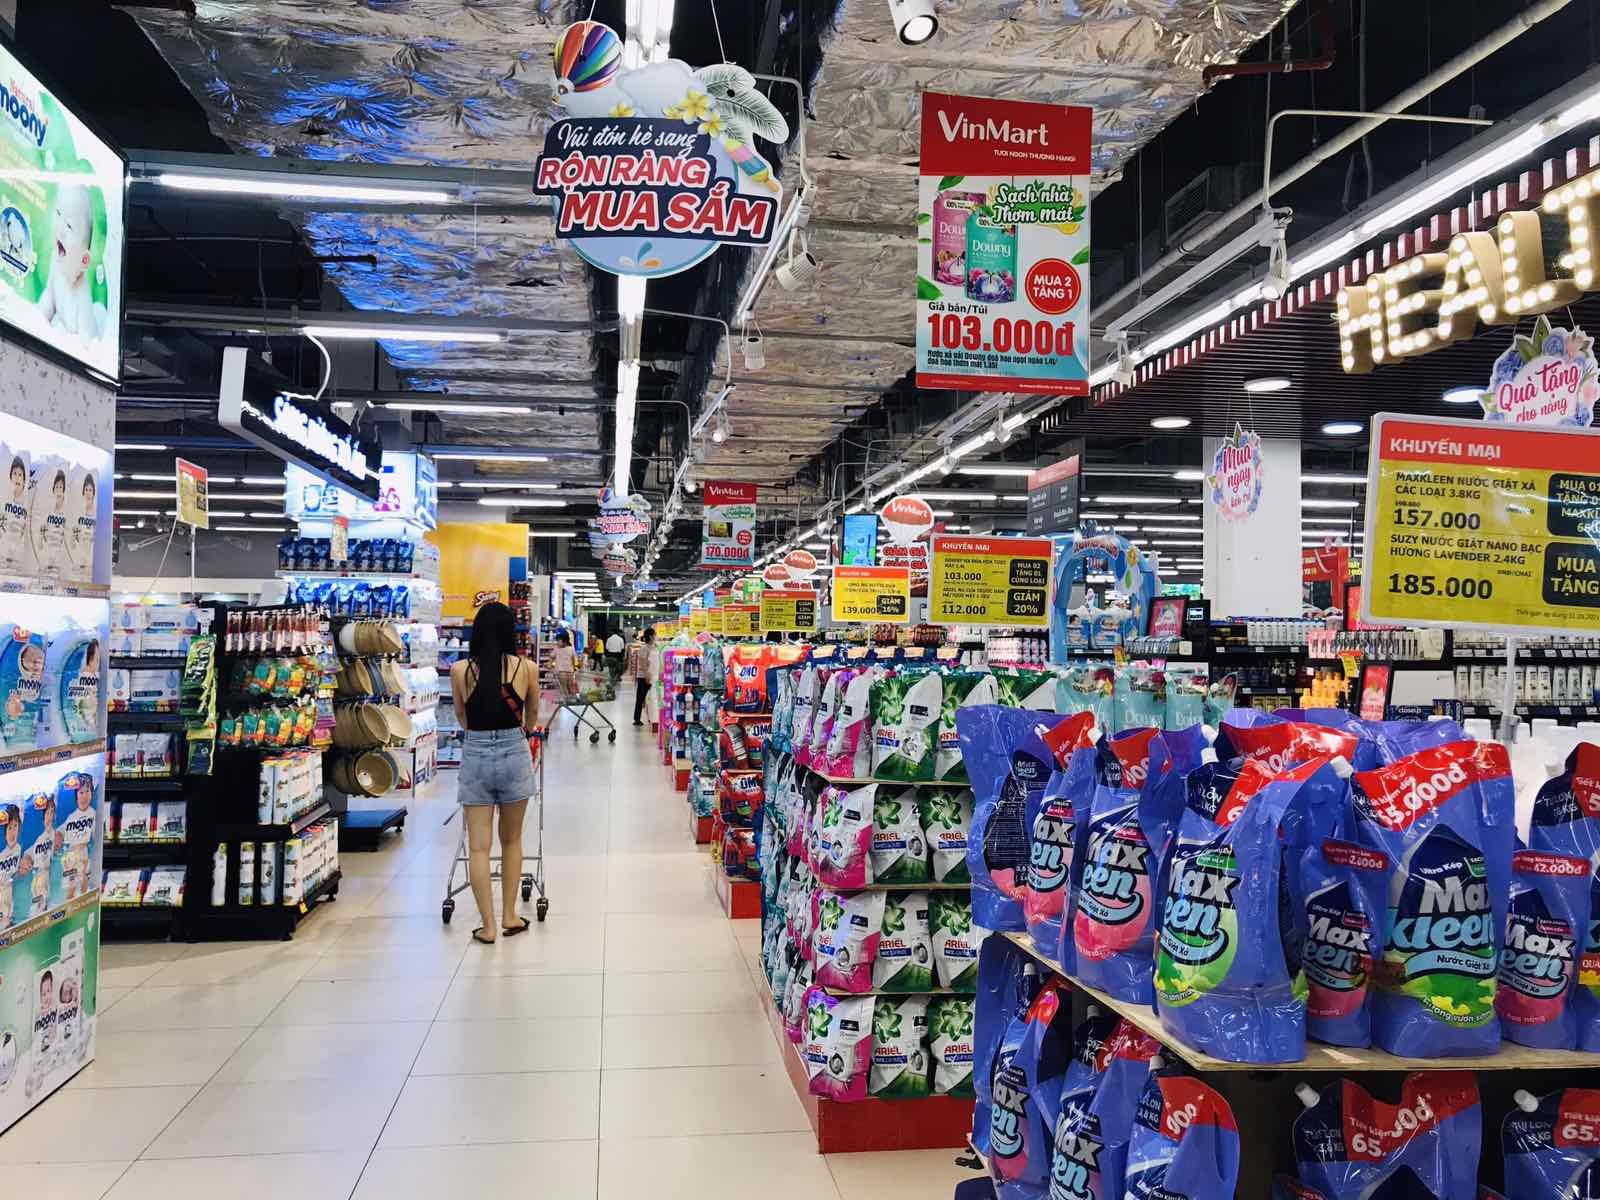 Giữa mùa dịch, chuỗi bán lẻ lớn nhất Việt Nam khuyến mại lên đến 50% nhiều ngành hàng